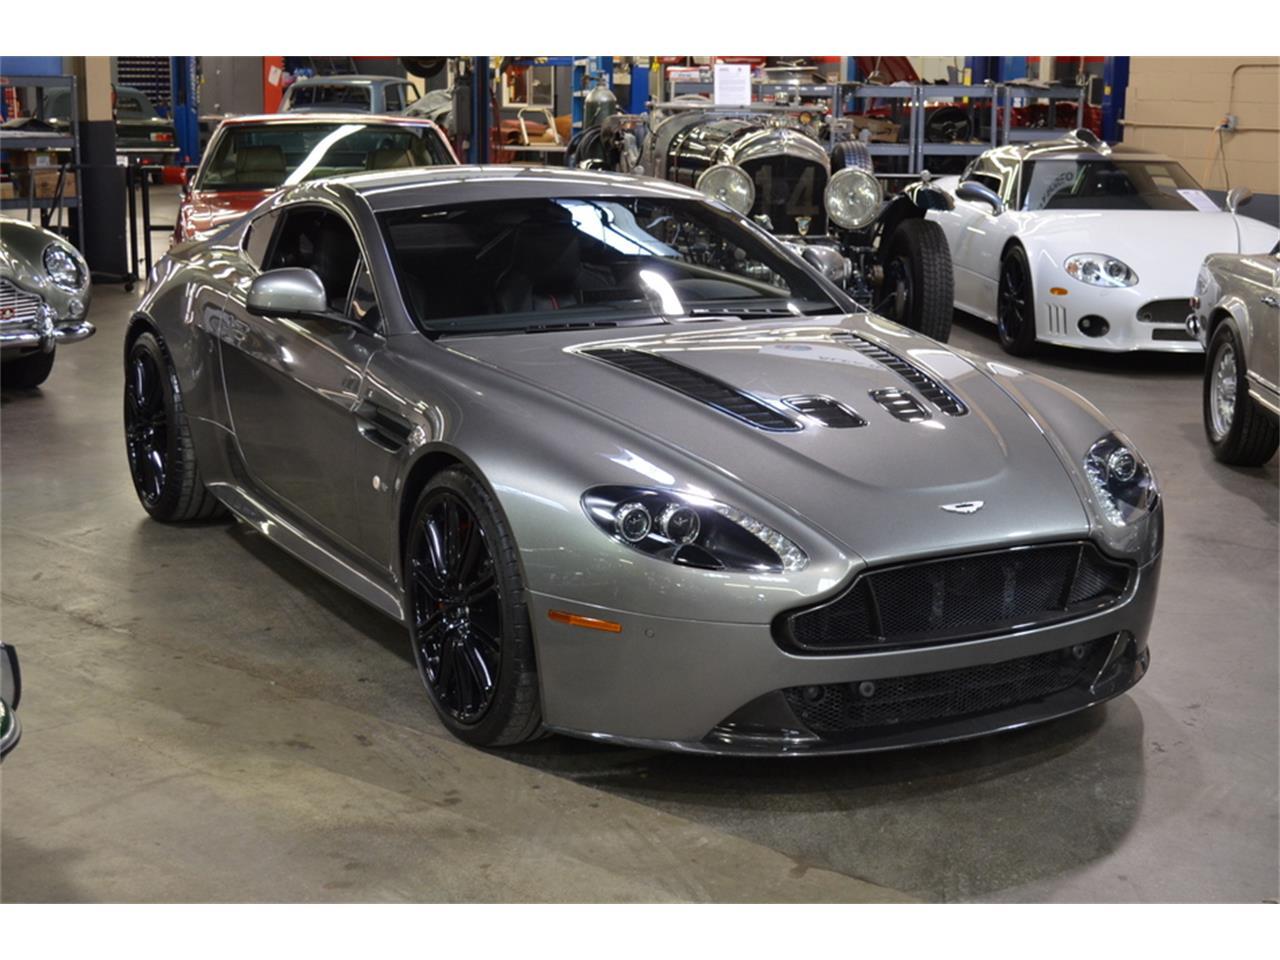 2015 Aston Martin V12 Vantage S For Sale Classiccars Com Cc 1185690